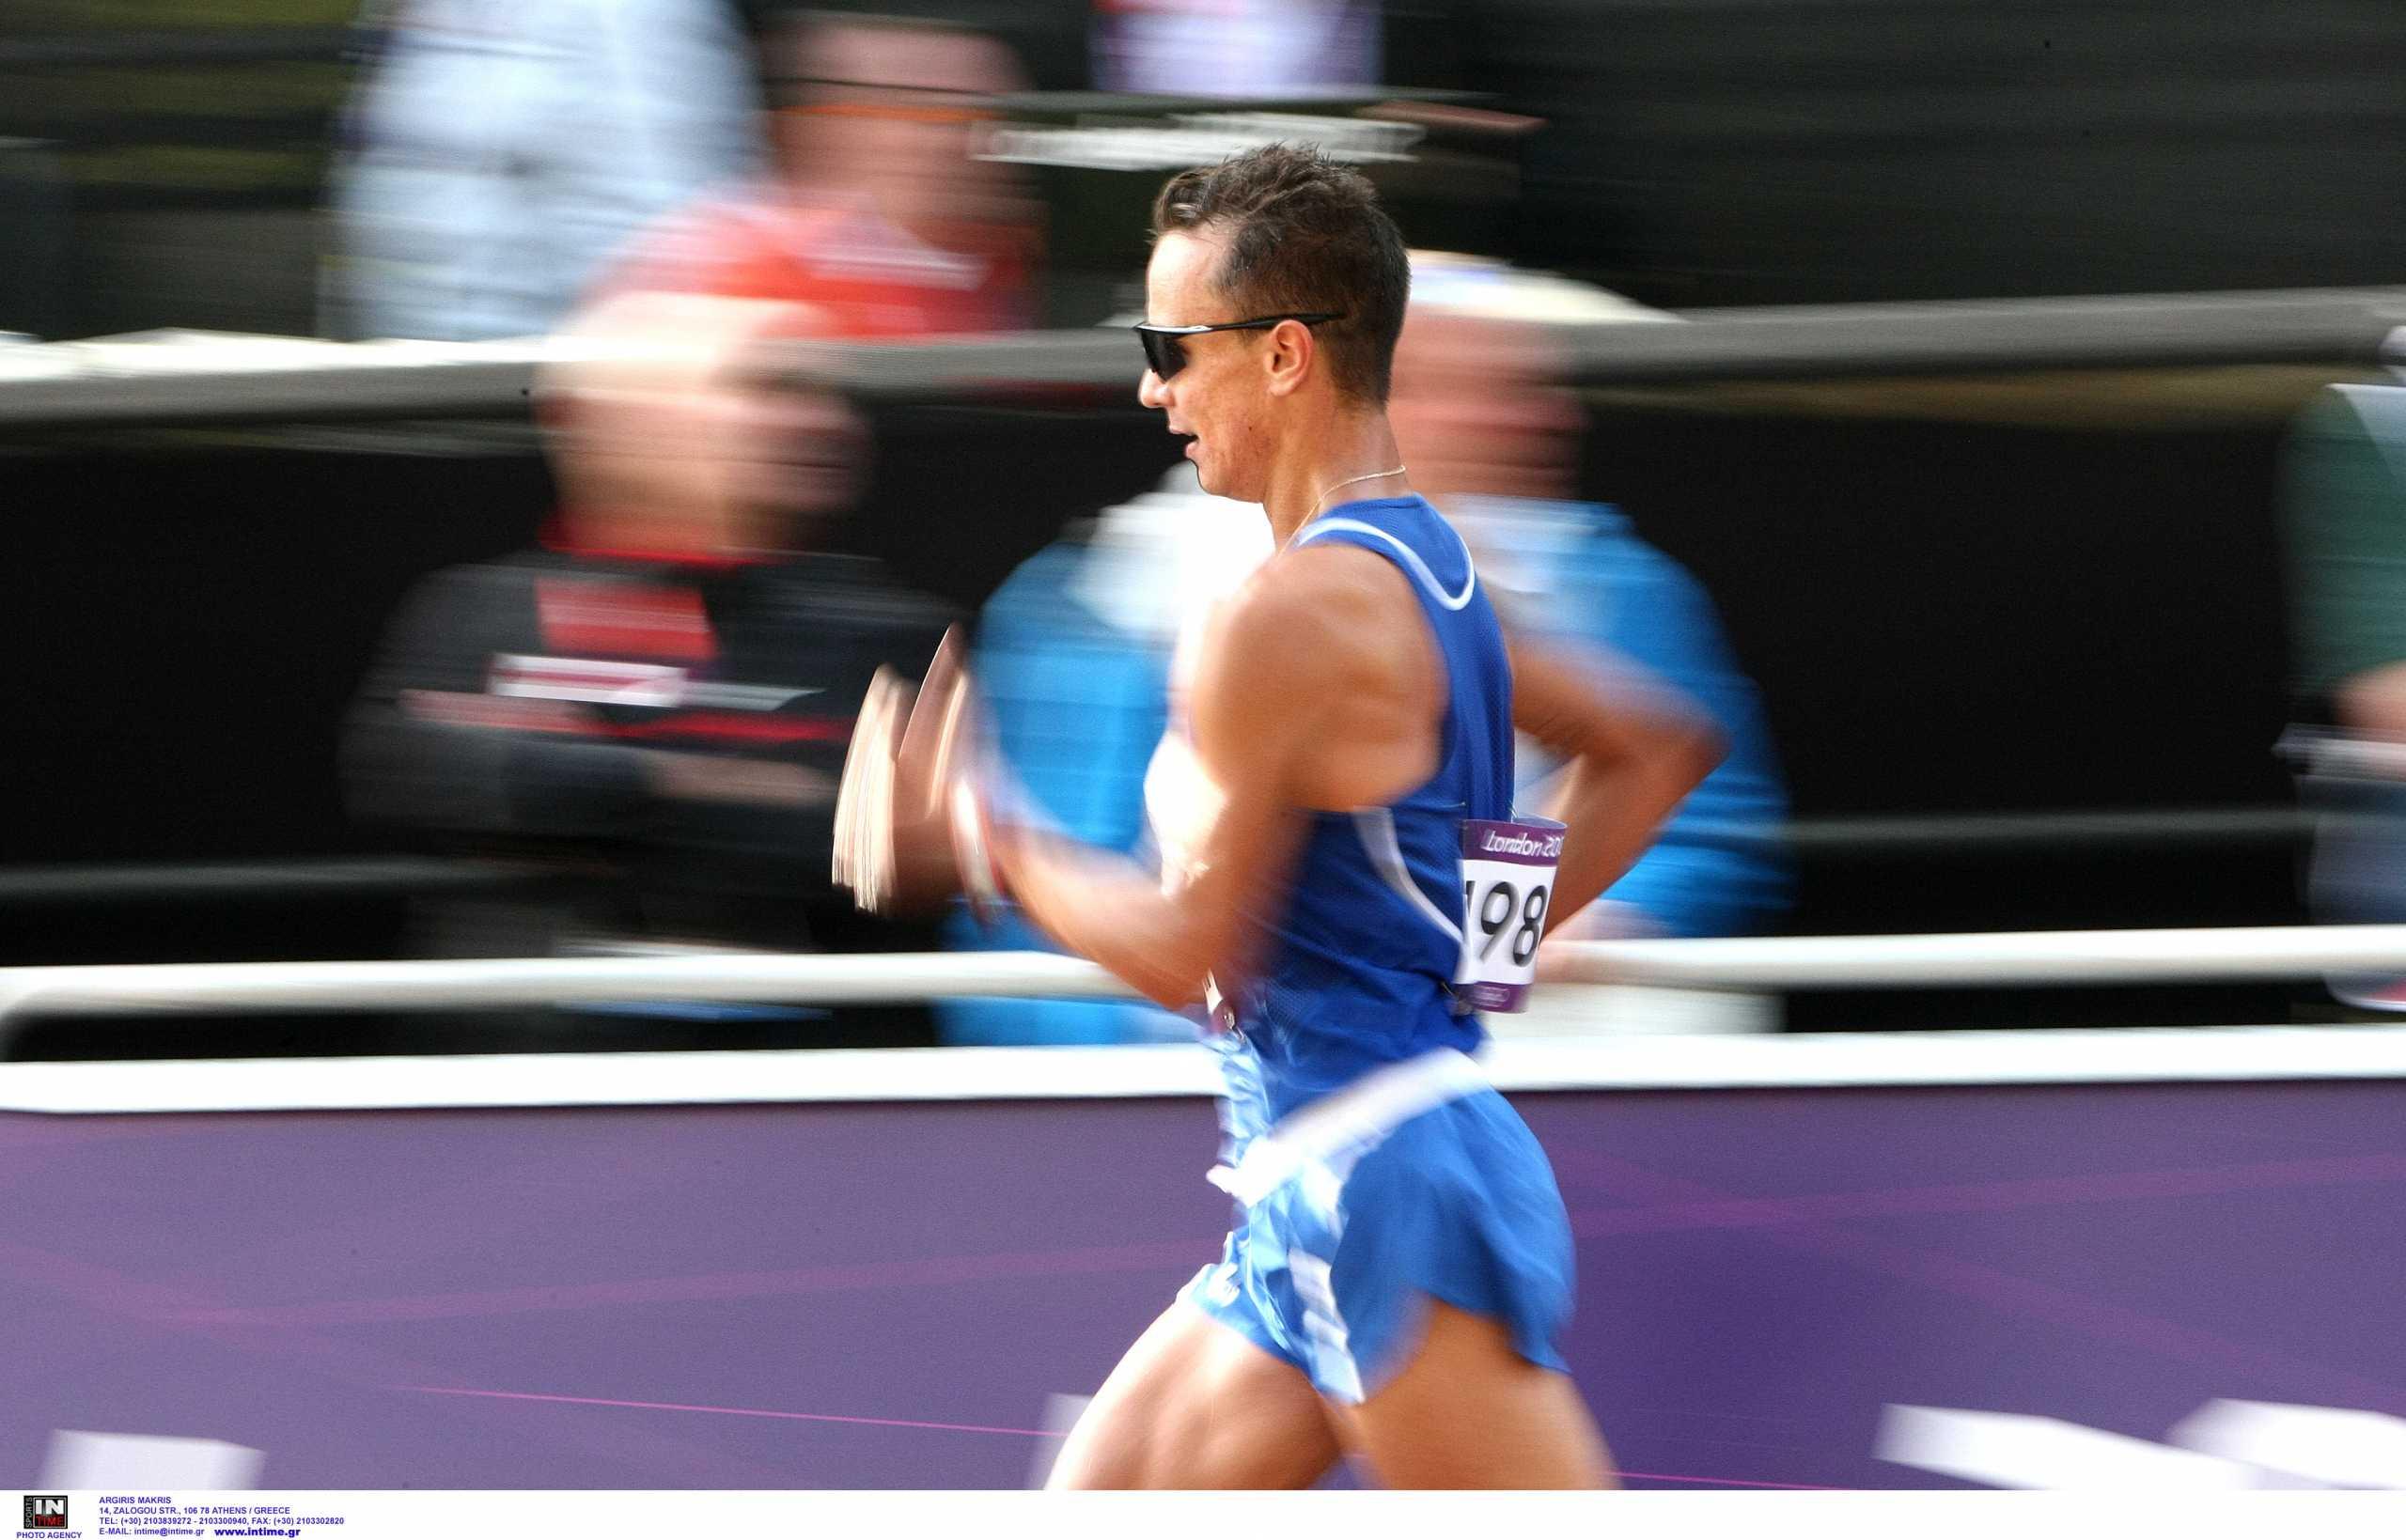 Ολυμπιακοί Αγώνες: Στην 36η θέση ο Αλέξανδρος Παπαμιχαήλ στα 50 χλμ. βάδην